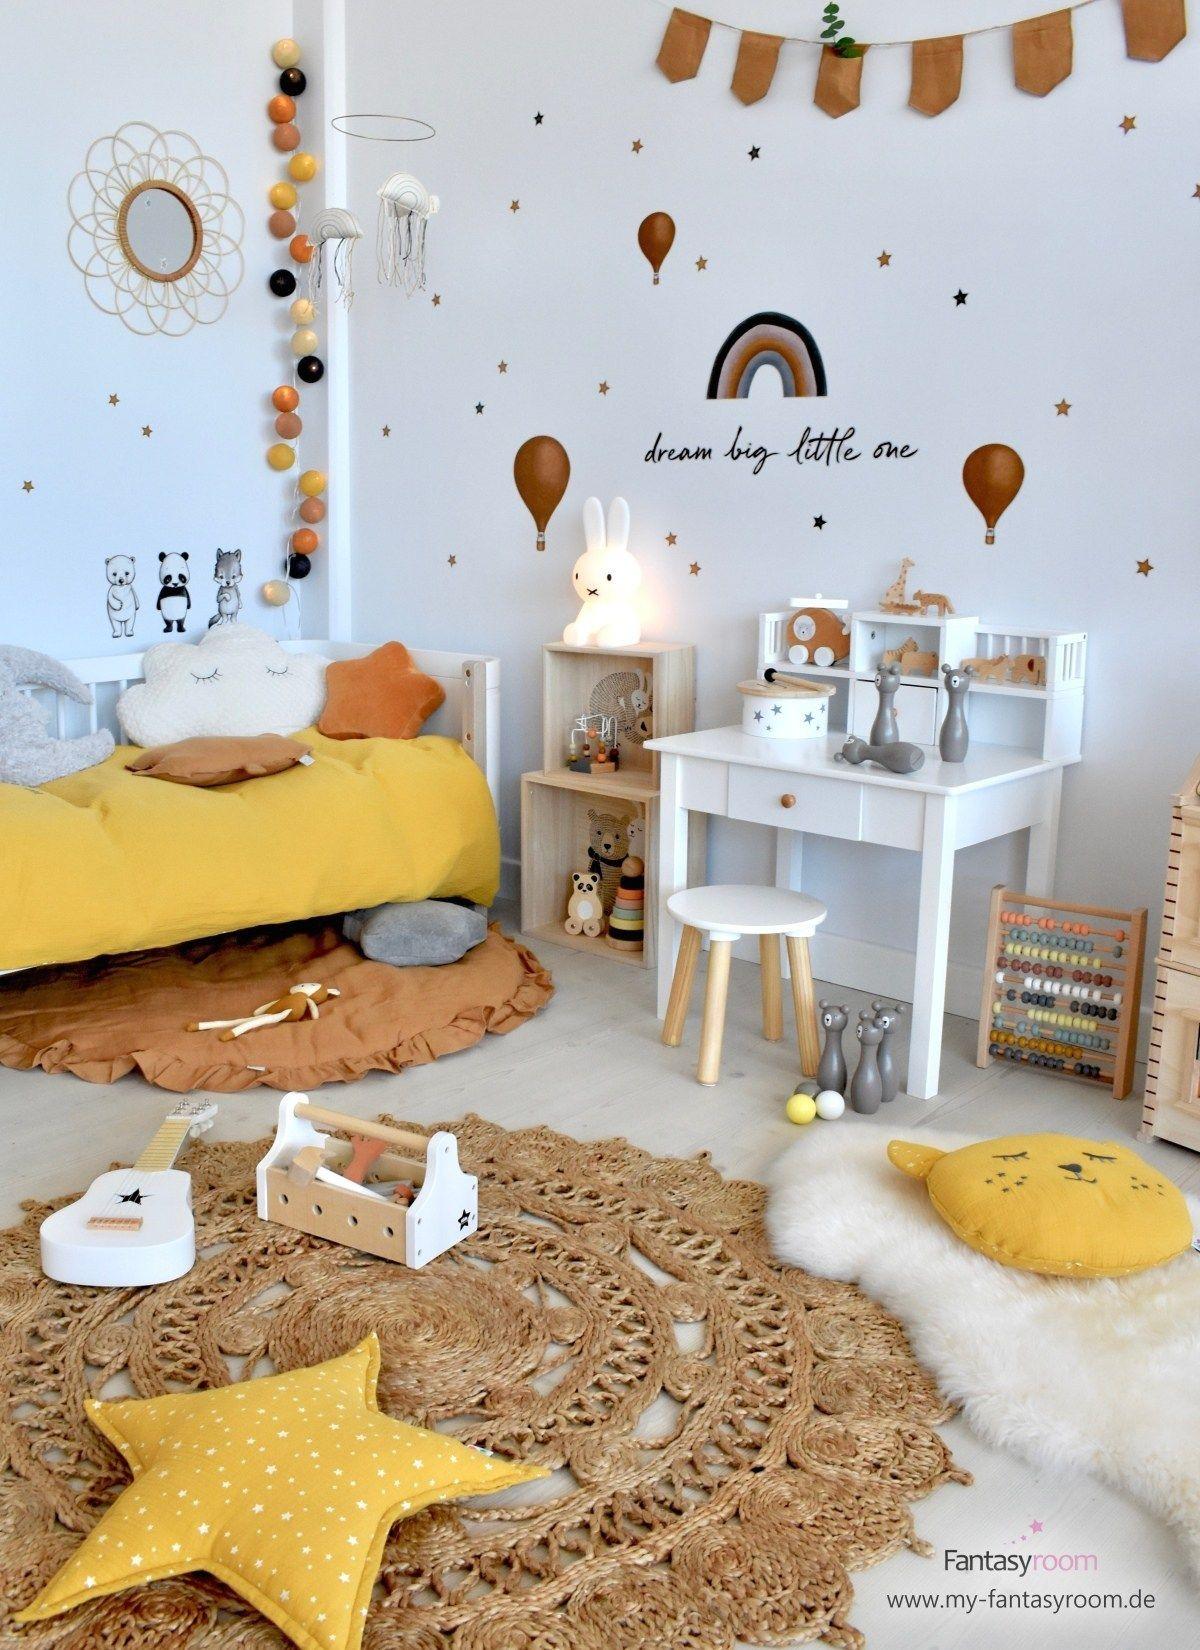 Wandsticker 'Heißluftballons' cognac, 3D Optik handgezeichnet #kleinkindzimmer